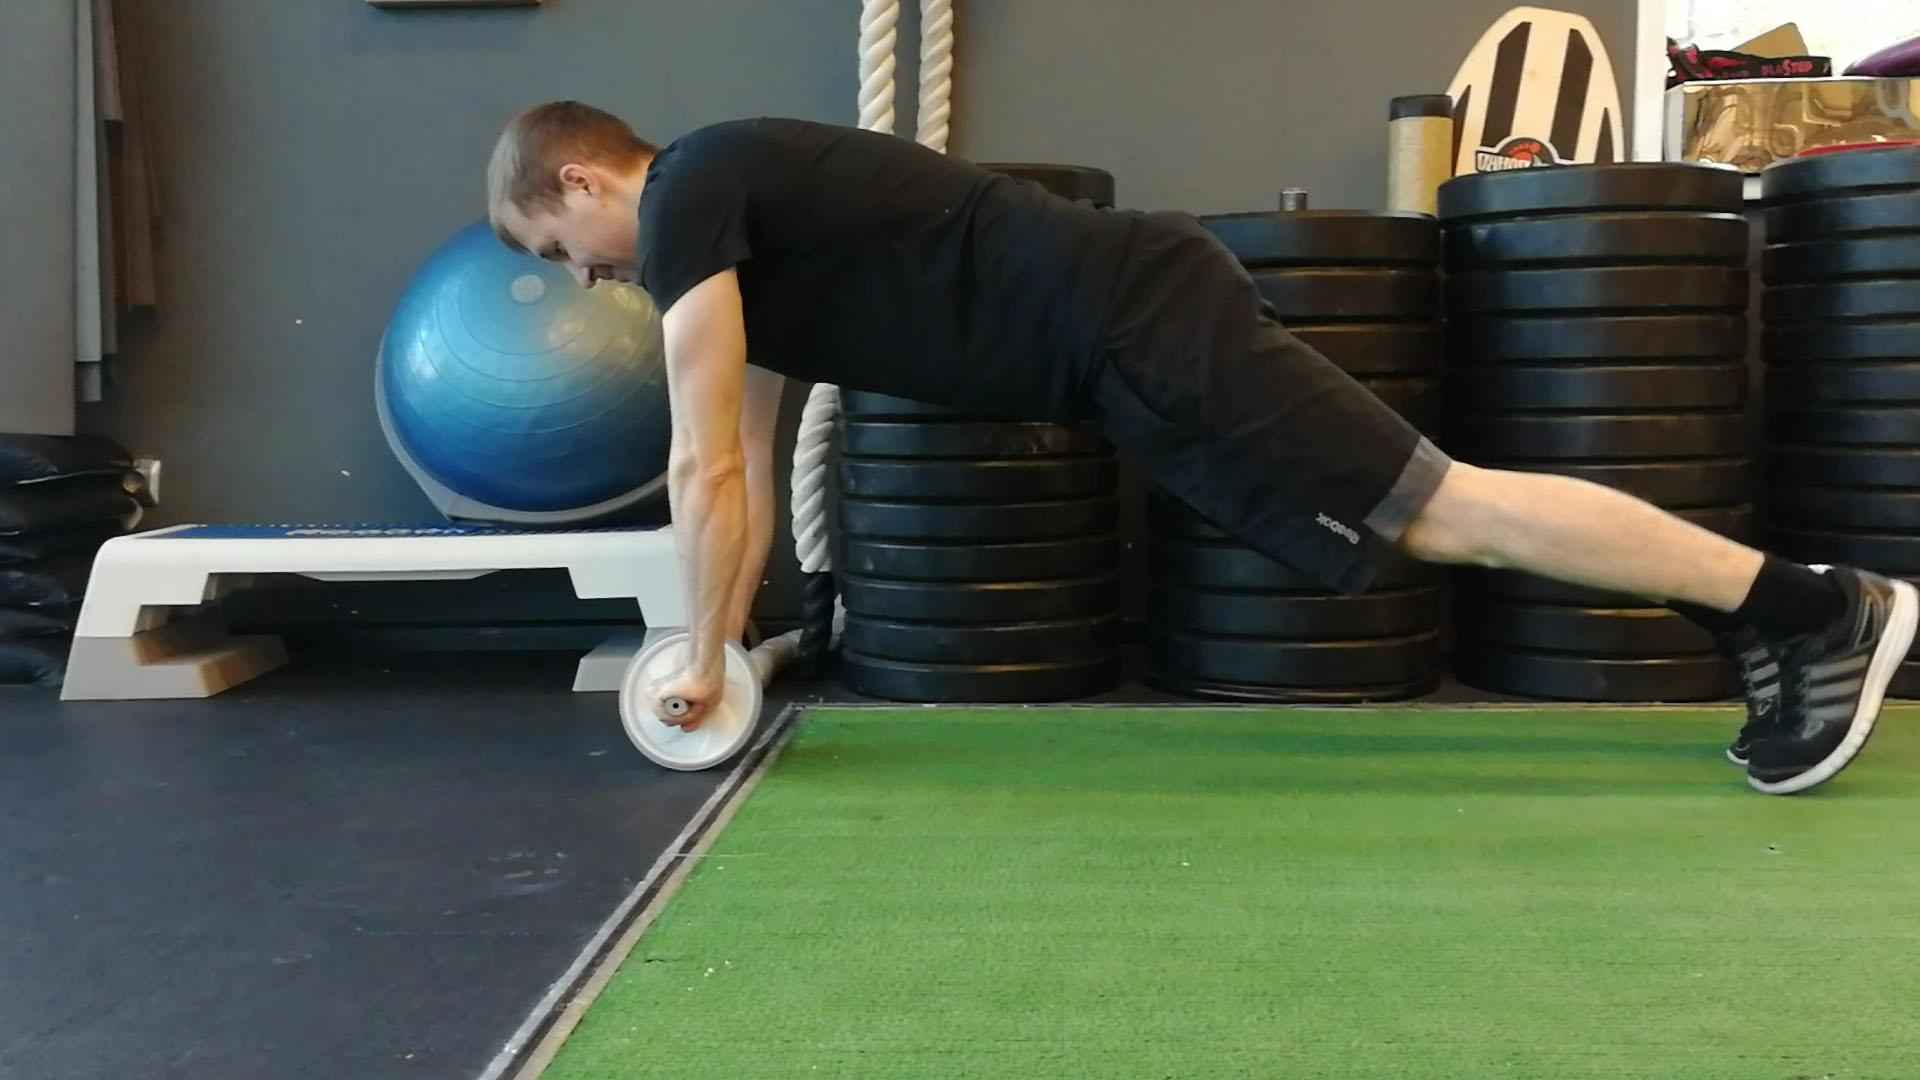 Гимнастический ролик - упражнения для начинающих на пресс и спину, какие мышцы работают? цена и отзывы